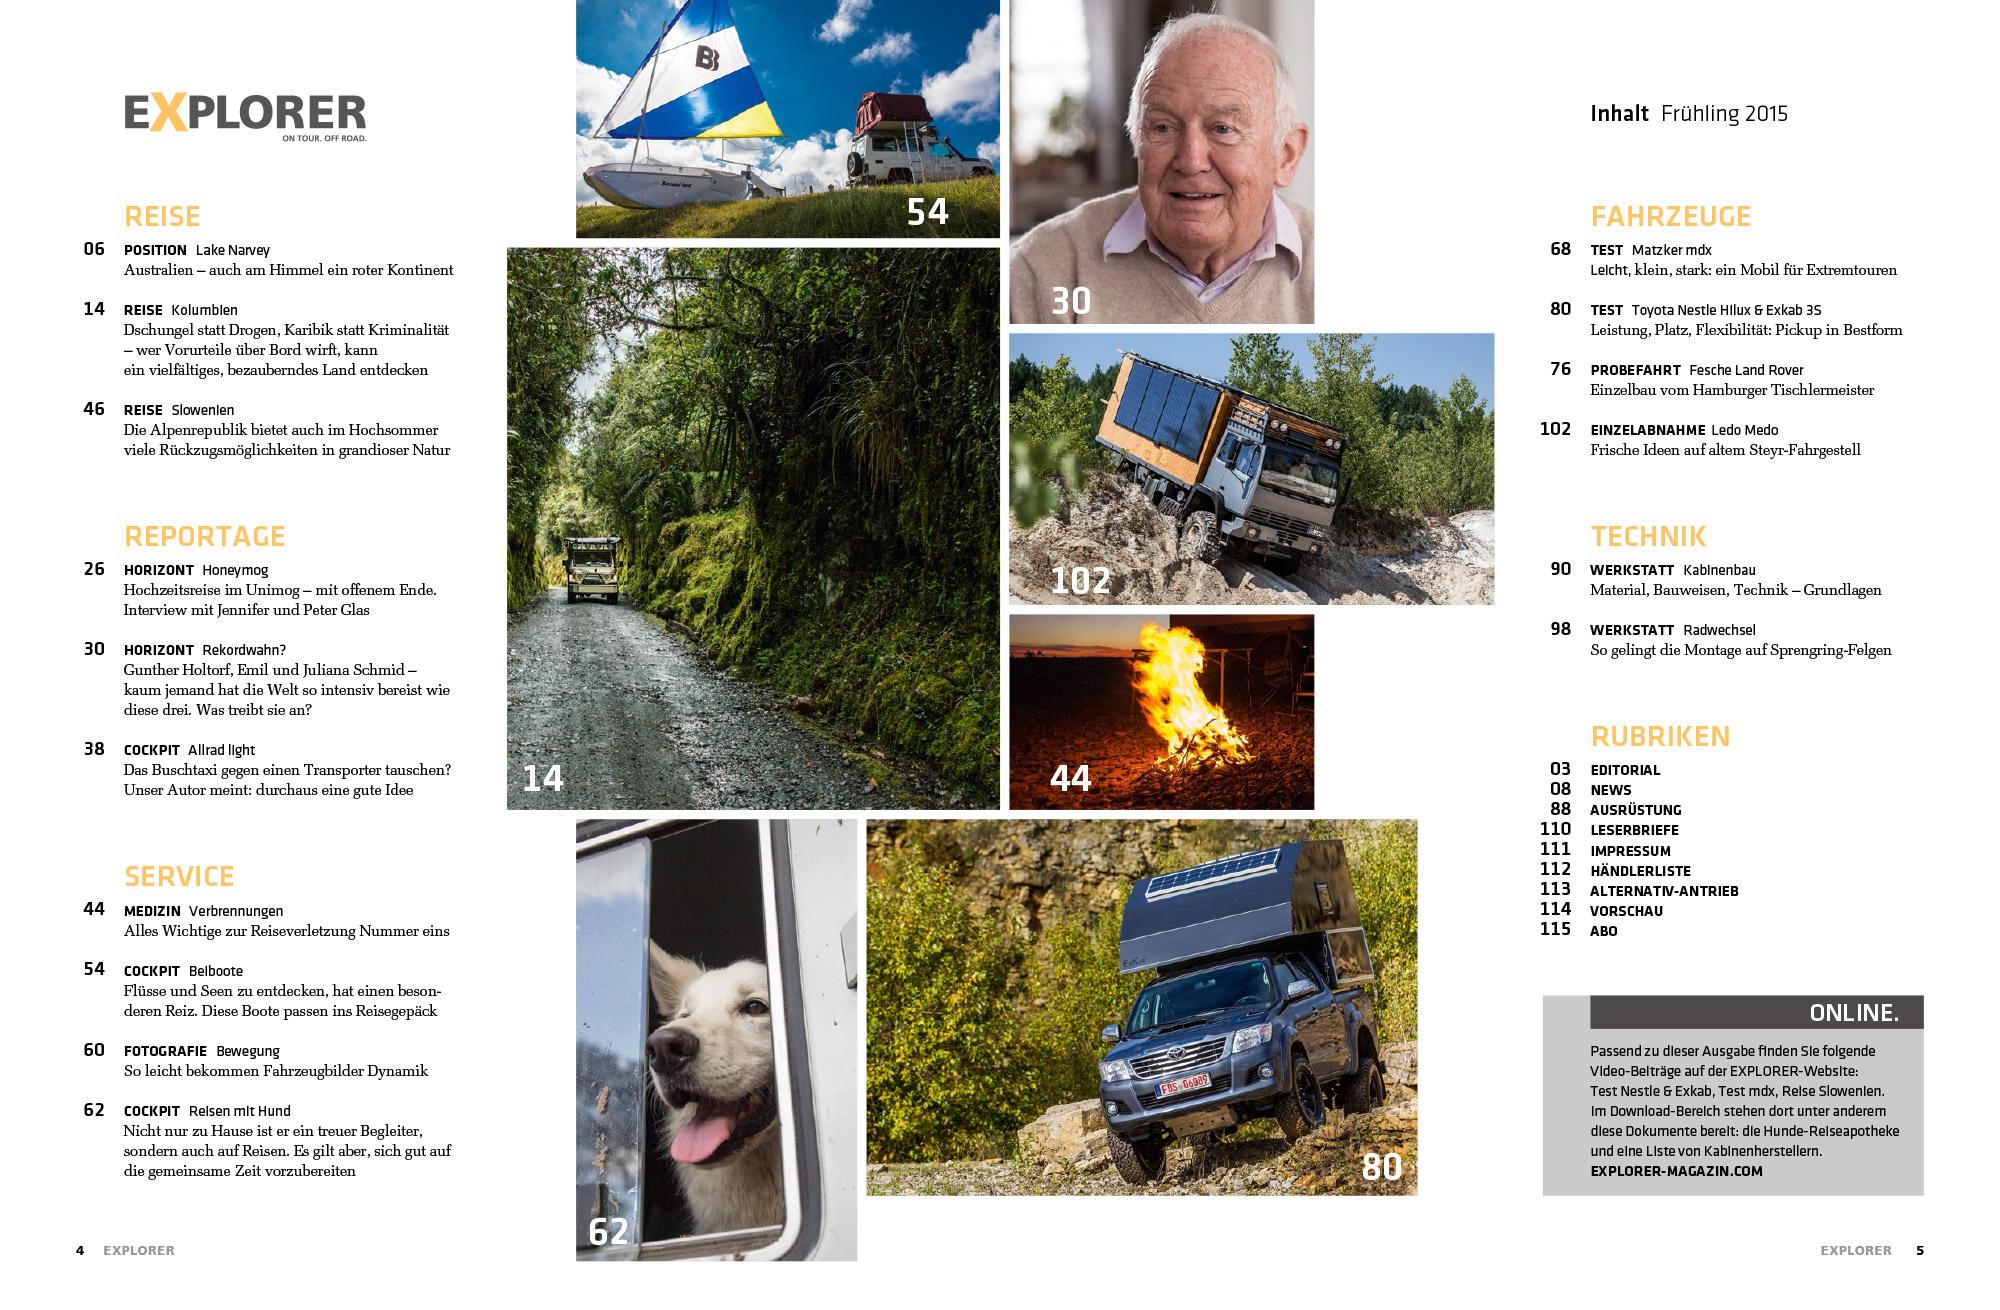 EXPLORER - Frühjahr 2015 - Inhaltsverzeichnis